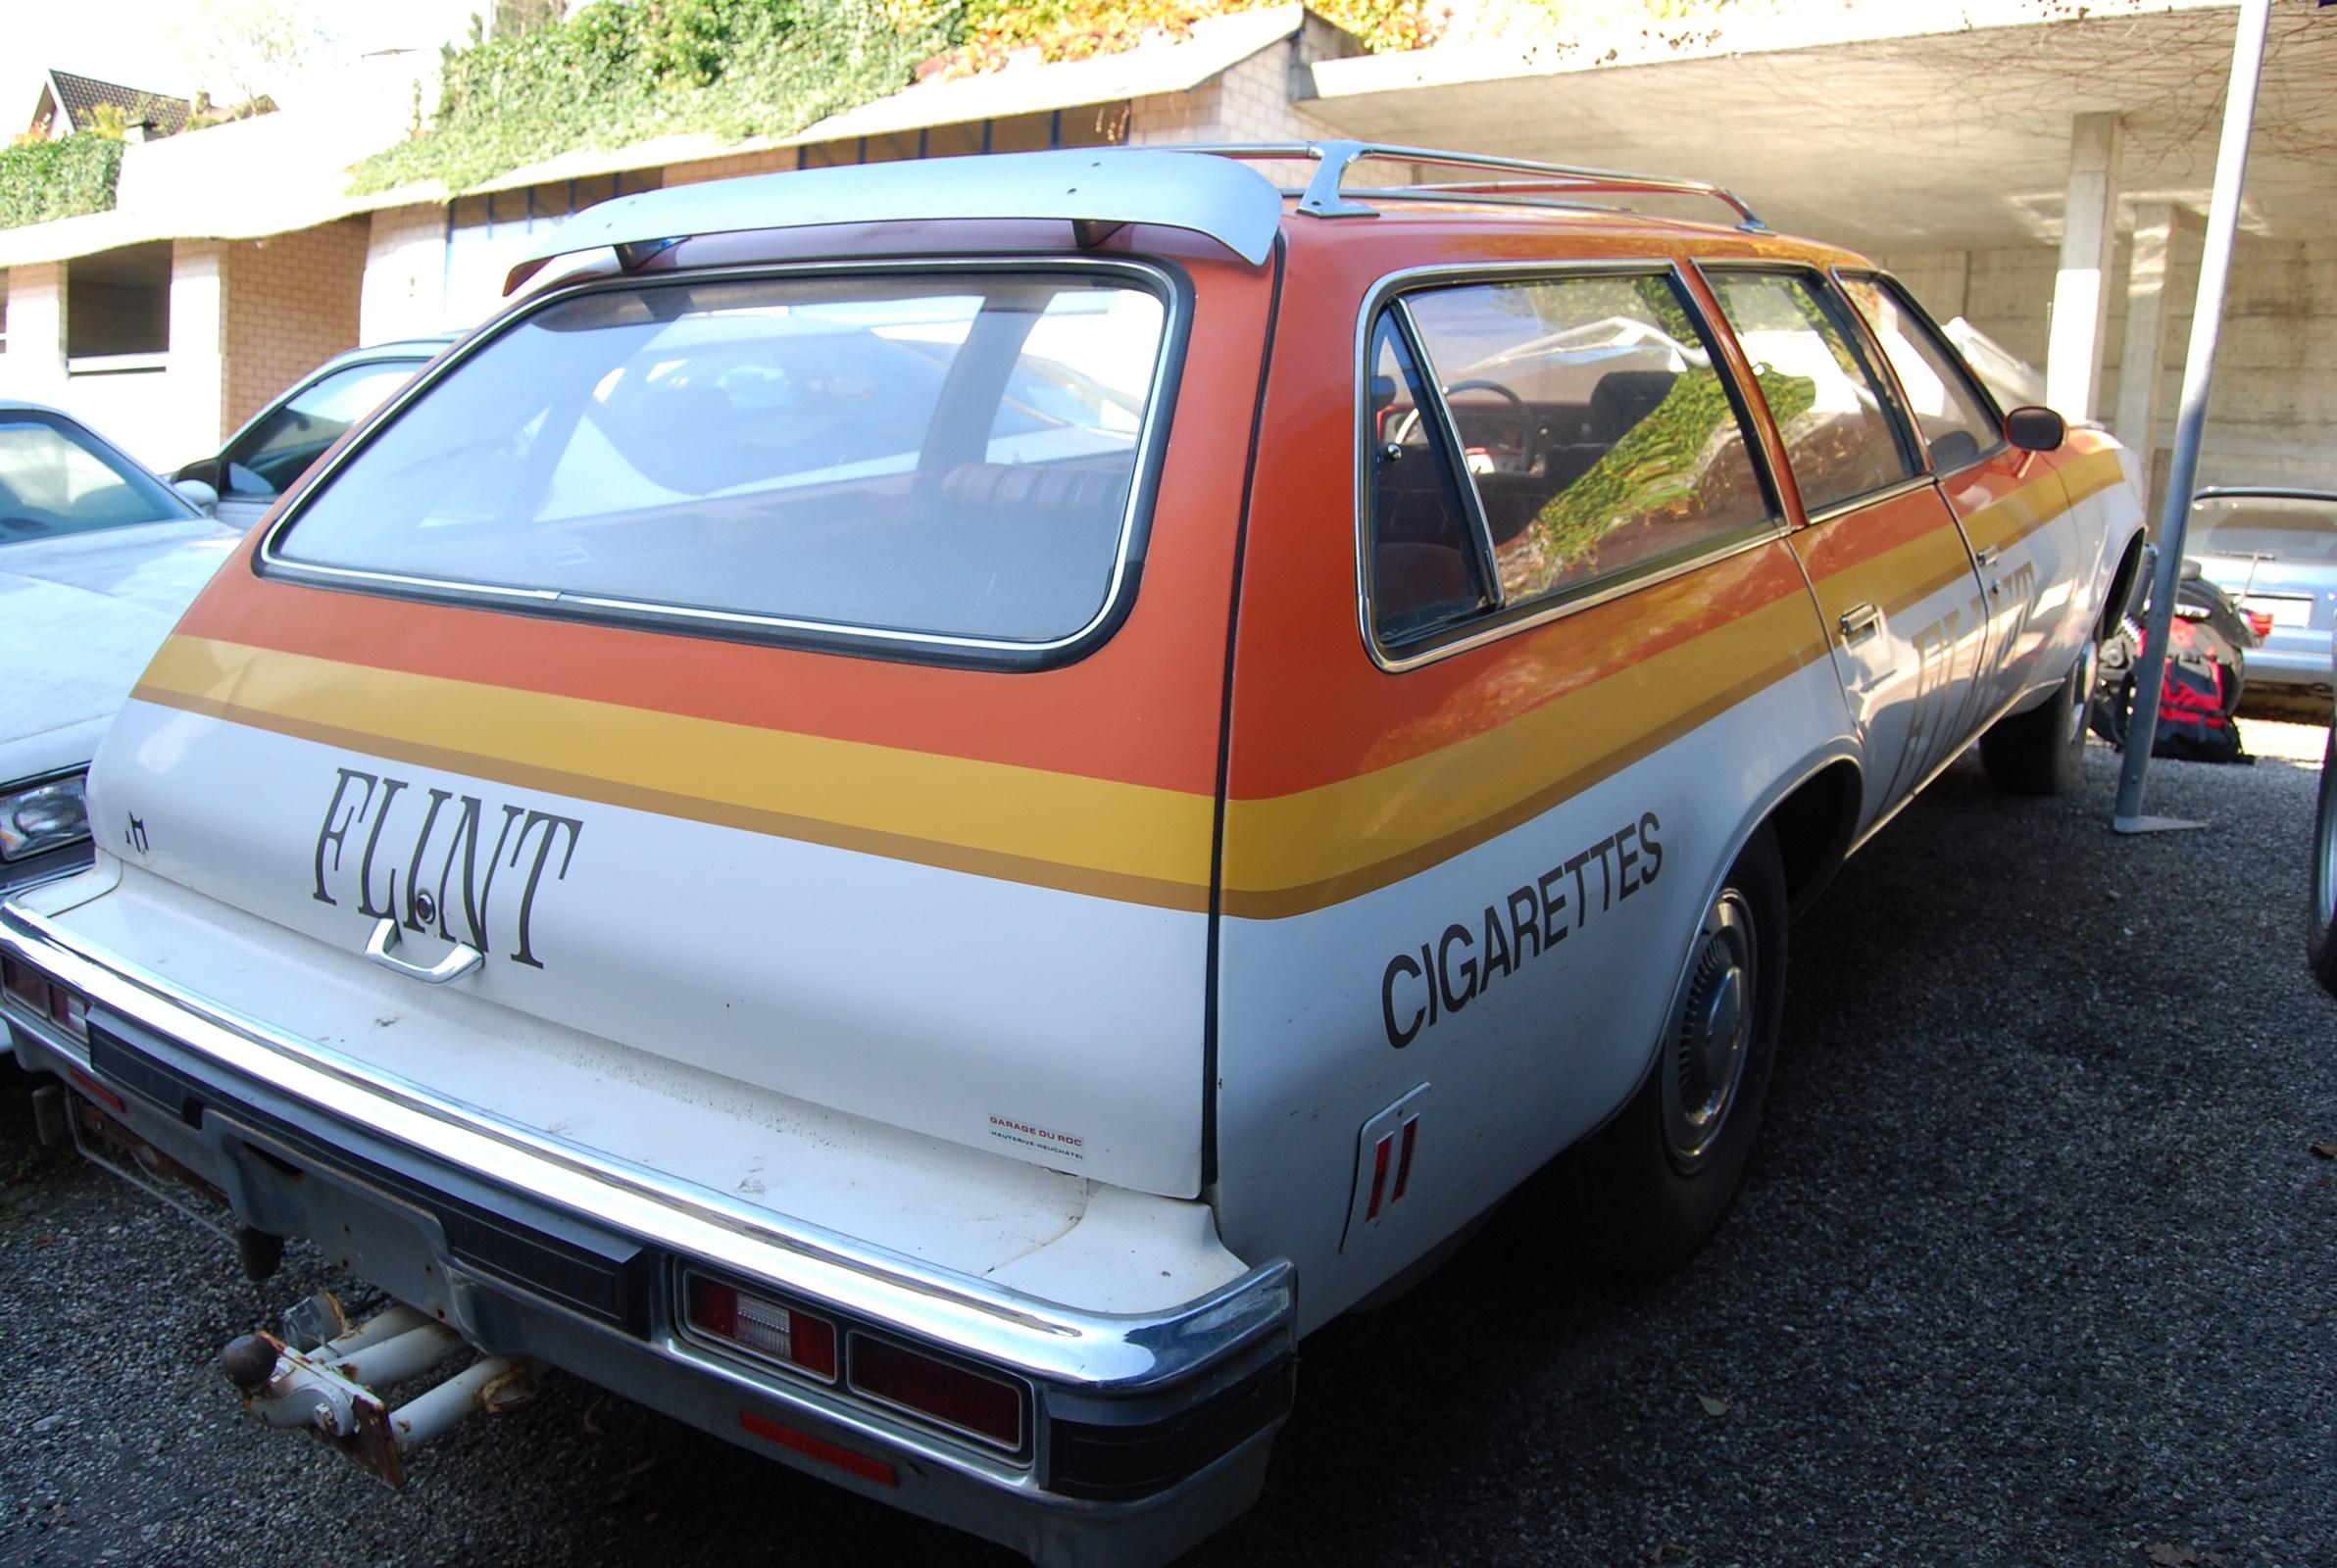 Chevrolet Malibu Chevelle